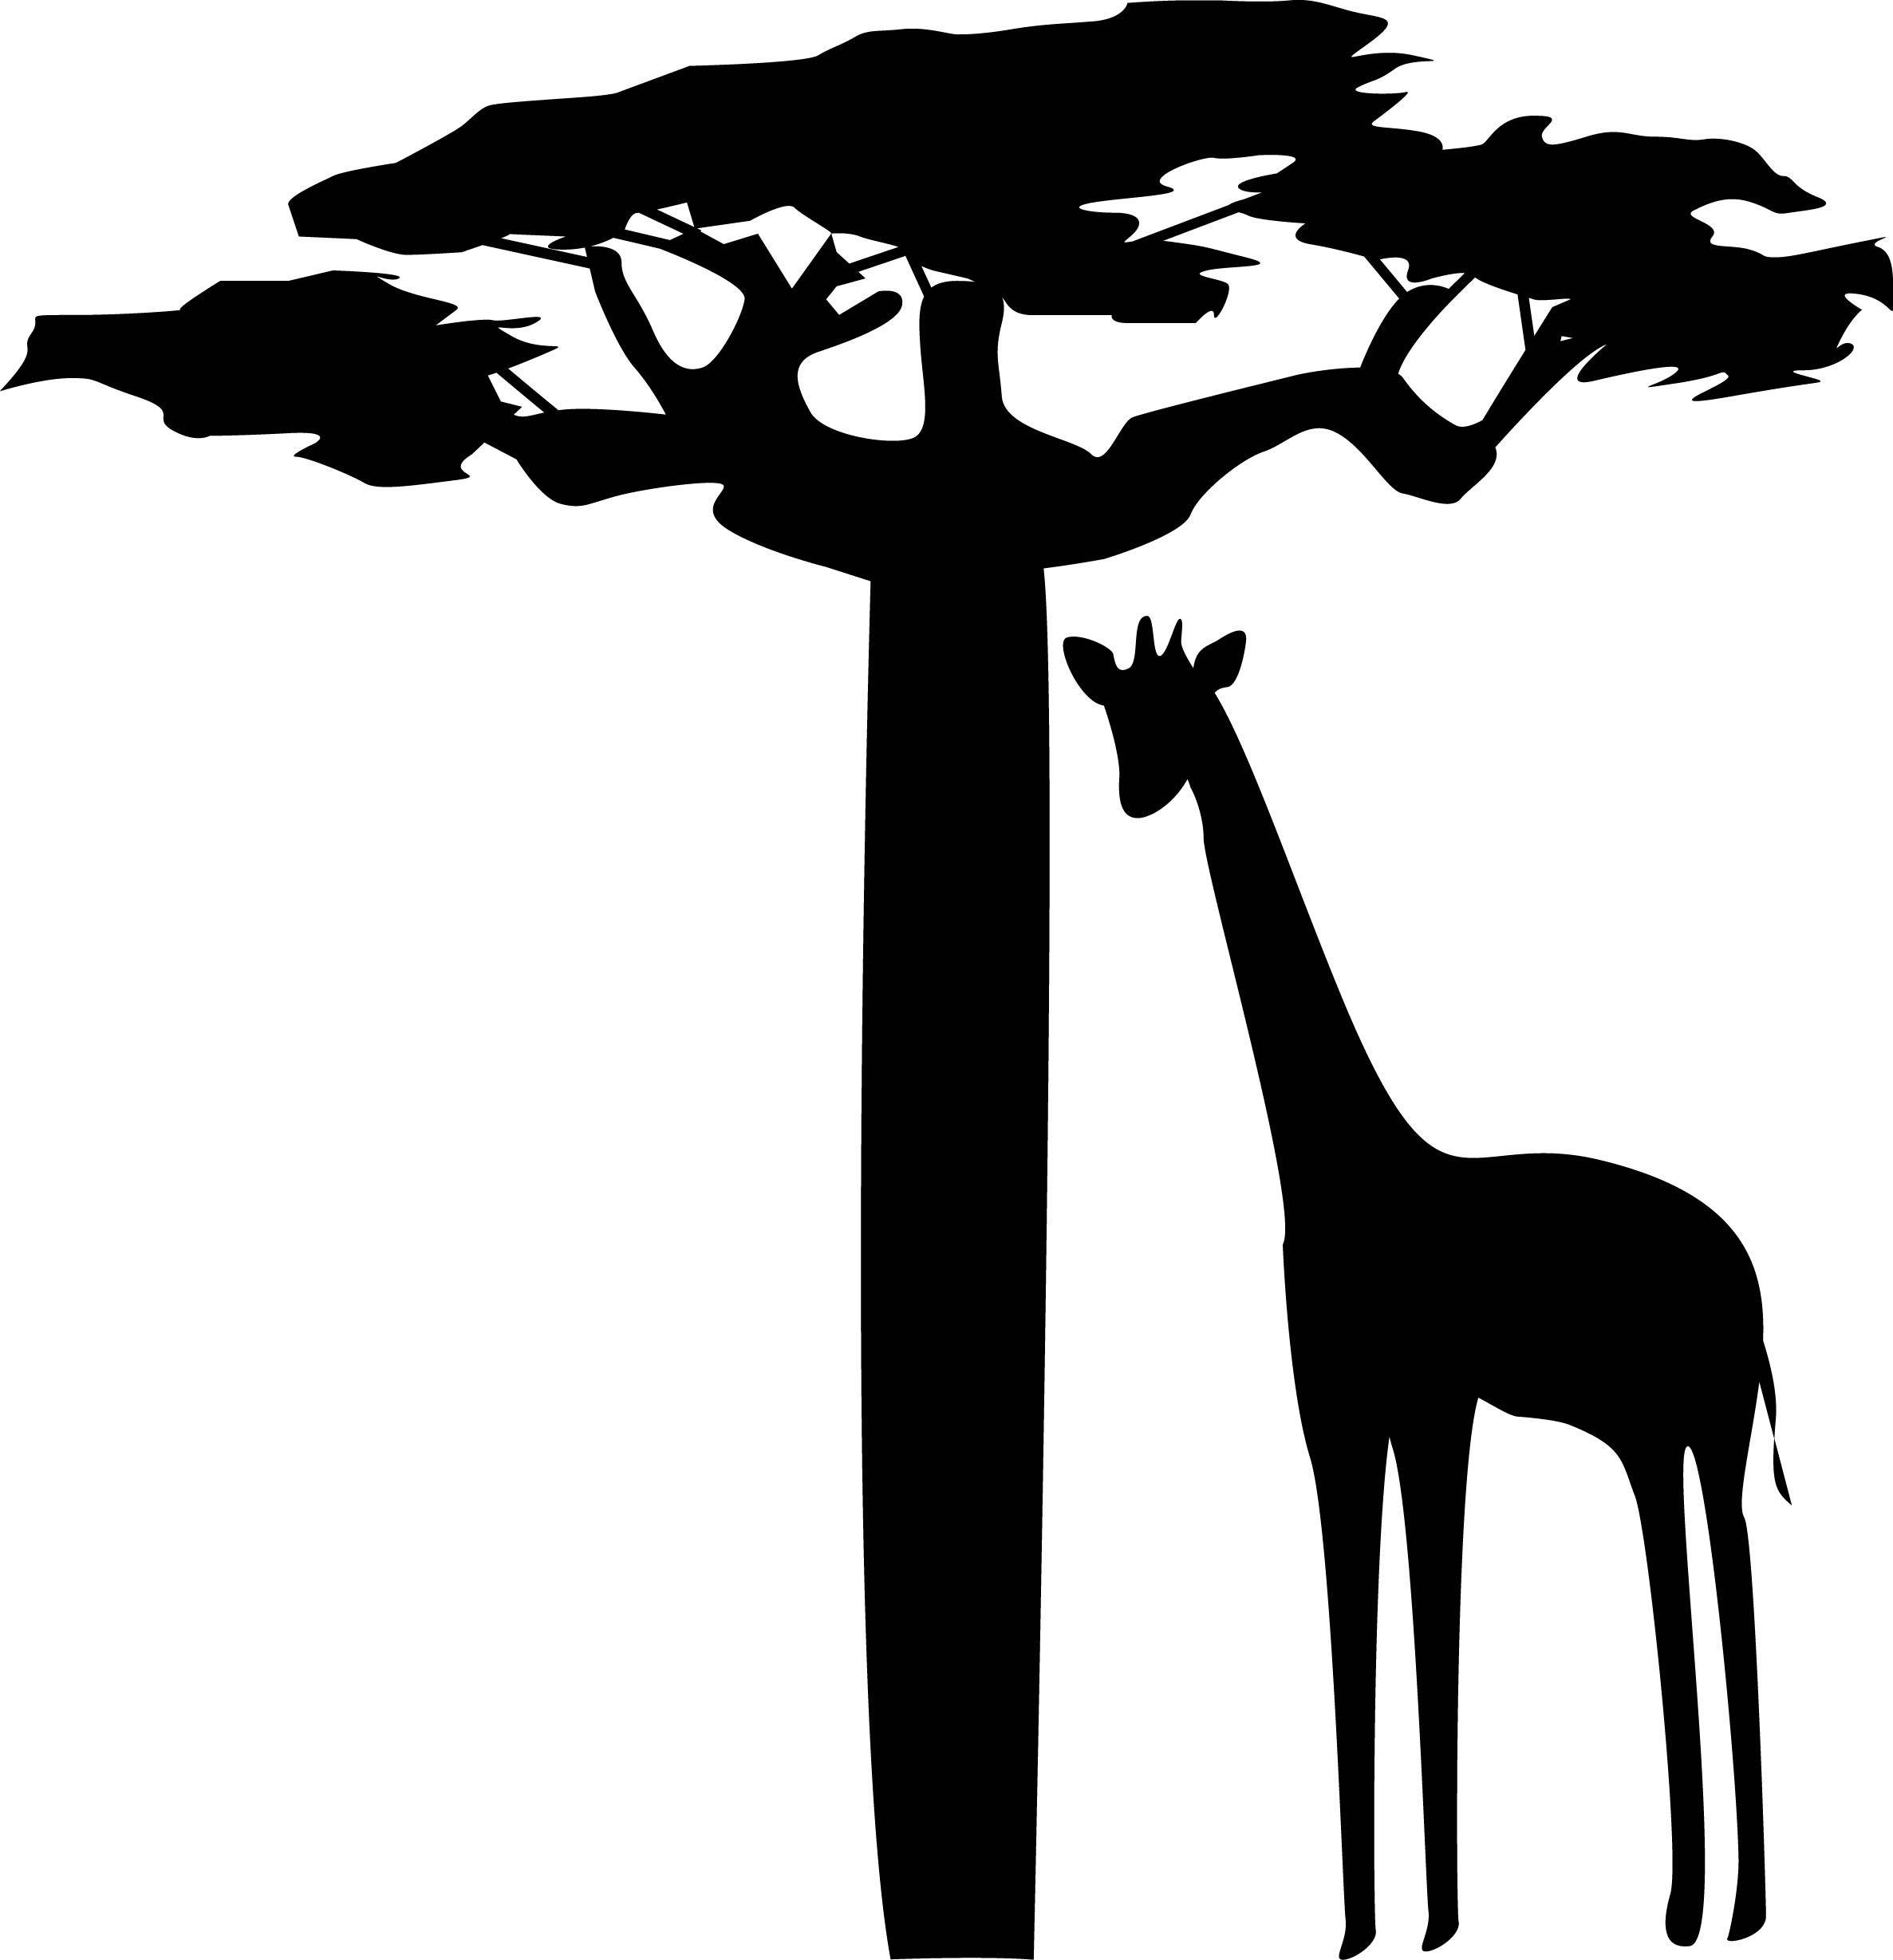 2373x2457 De Recherche D'Images Pour Image Baobab Stylisee